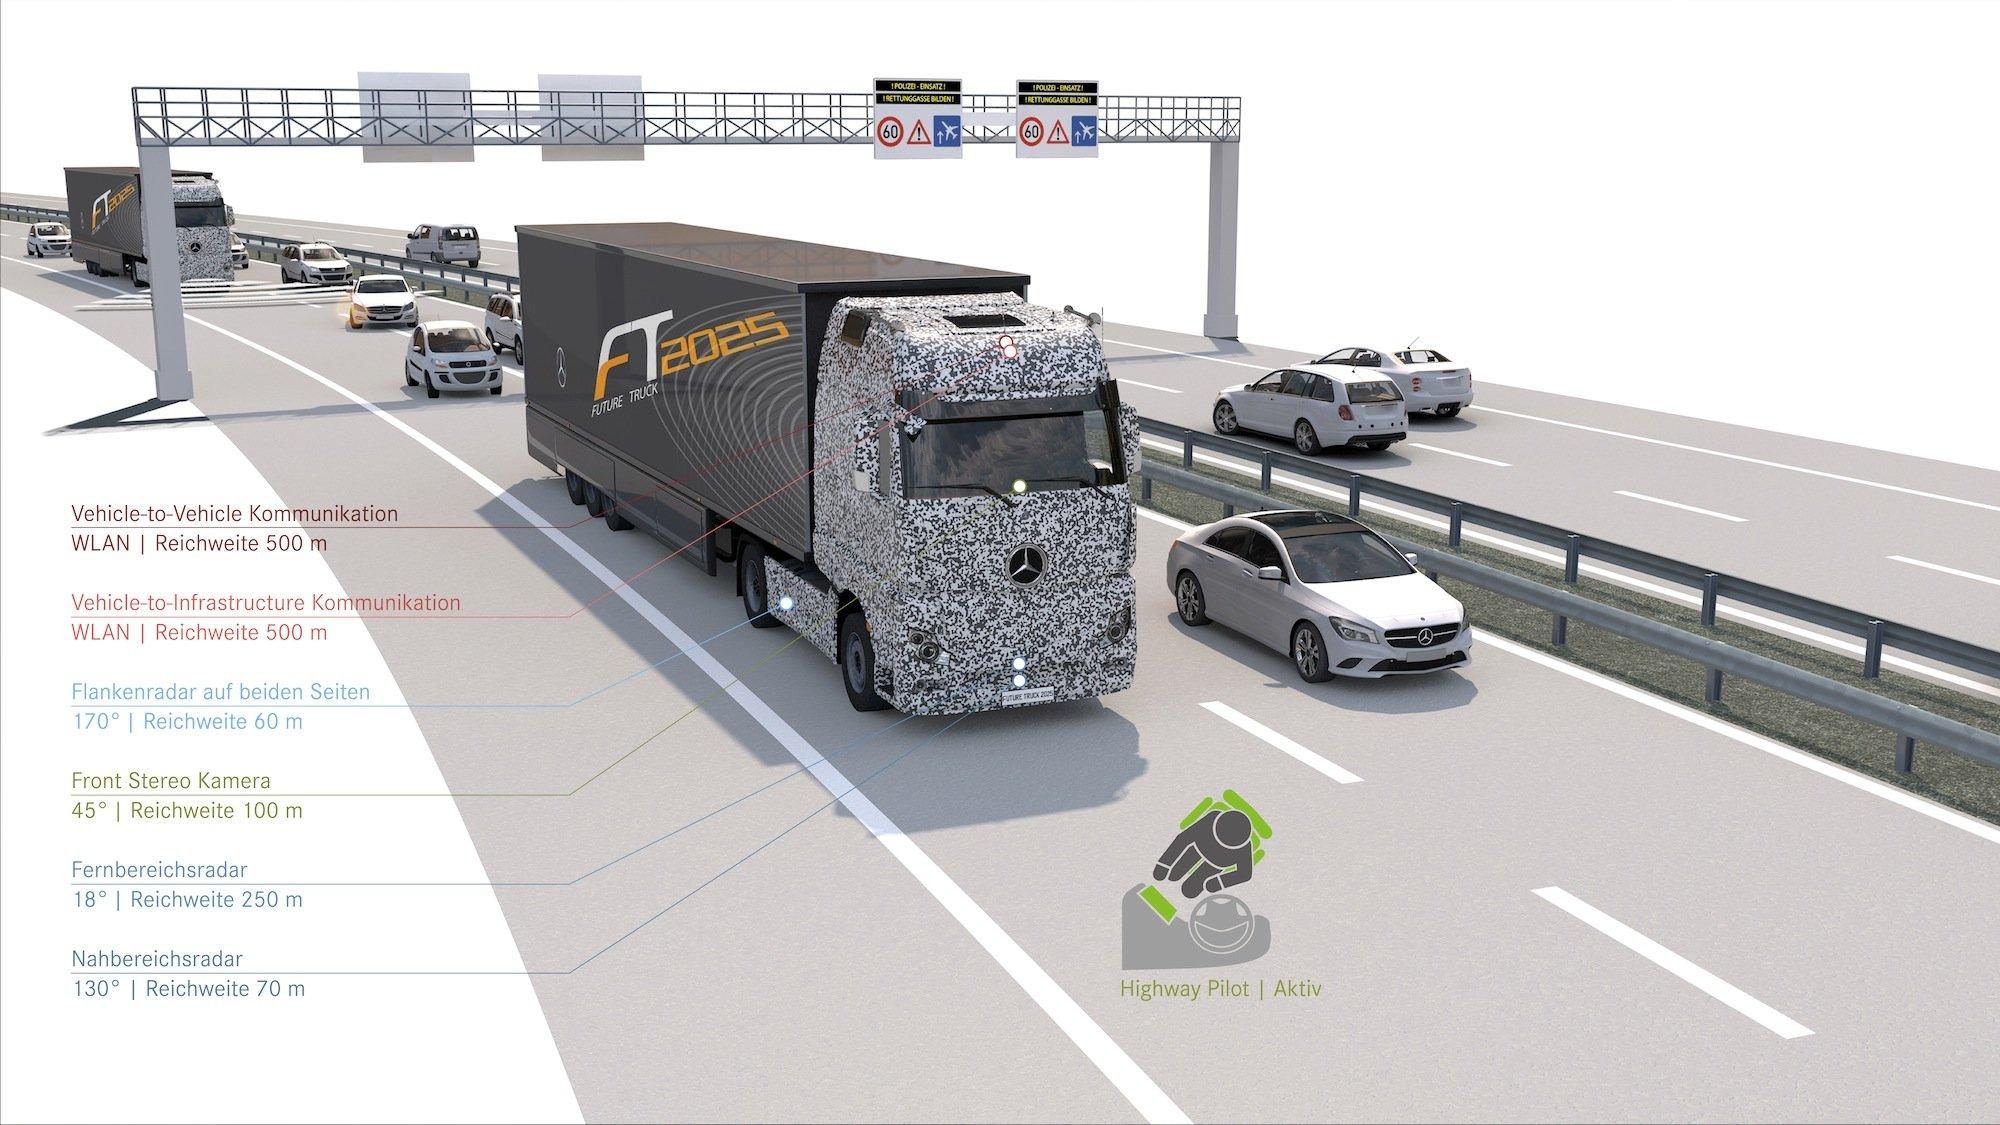 """Das Assistenzsystem """"Highway Pilot"""" überwacht mit mehreren Radarsensoren und einer Stereokamera die Verkehrssituation. Per WLAN können sich Lkw vernetzen und mit kurzen Abständen Kolonne fahren."""